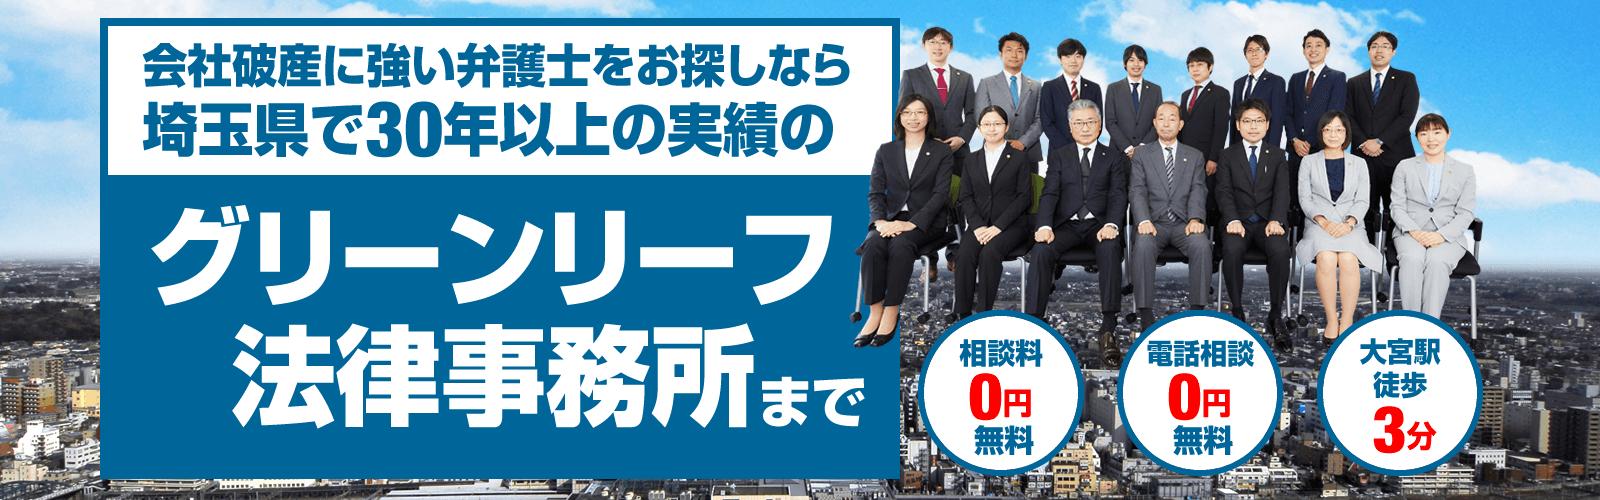 埼玉会社破産弁護士相談